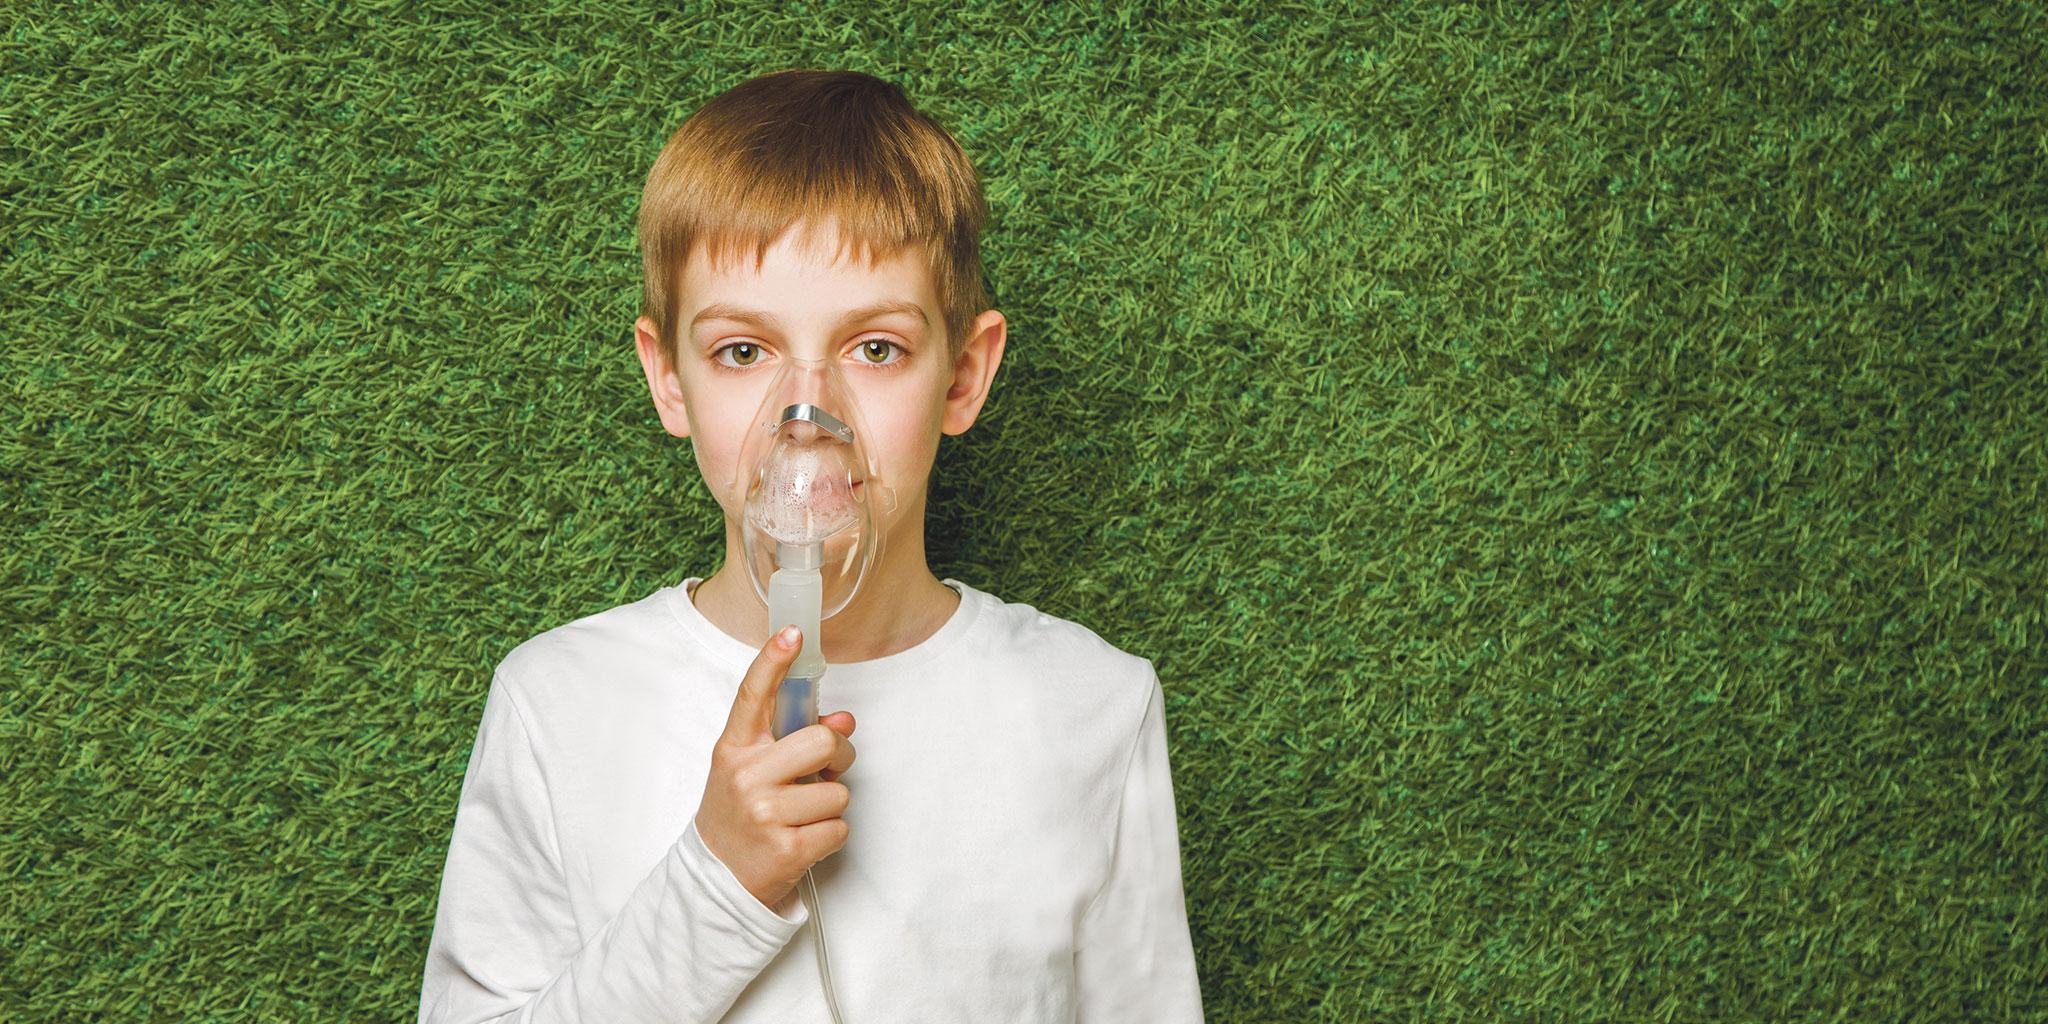 garçon avec un masque respiratoire